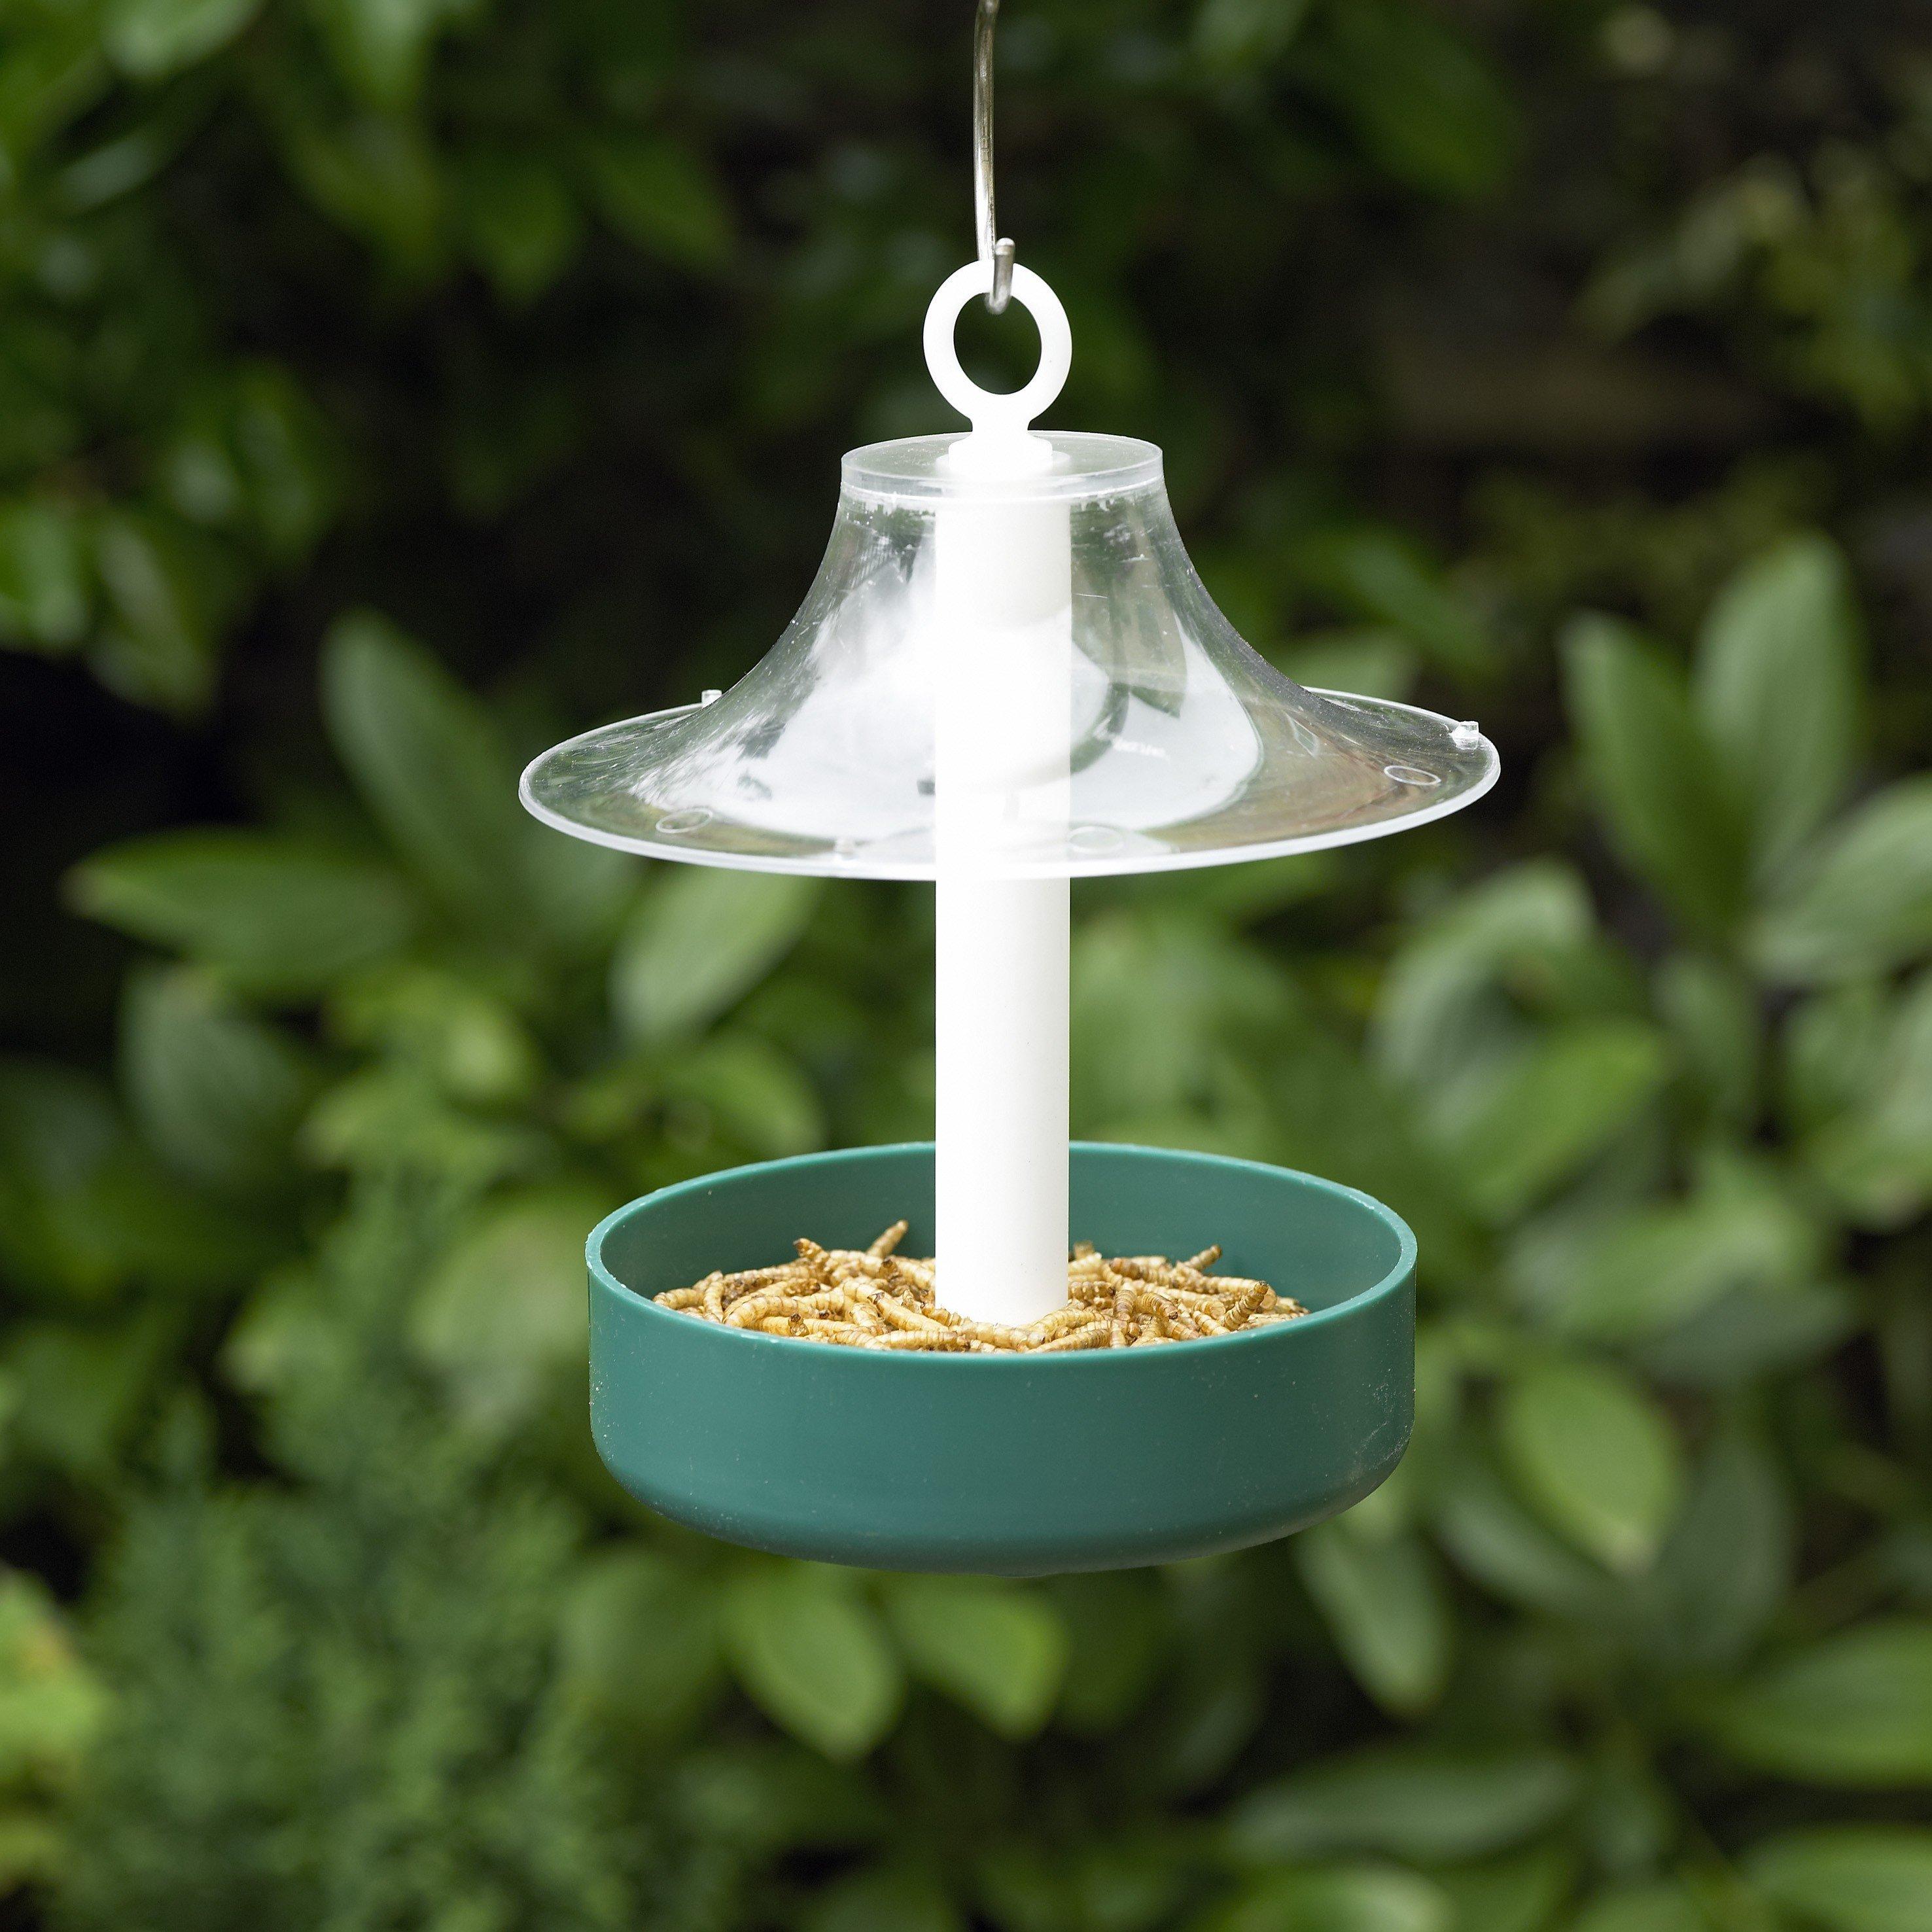 squirrel top topflightfortresssquirrelproofbirdfeeder cfm bird proof product hayneedle feeder flight fortress